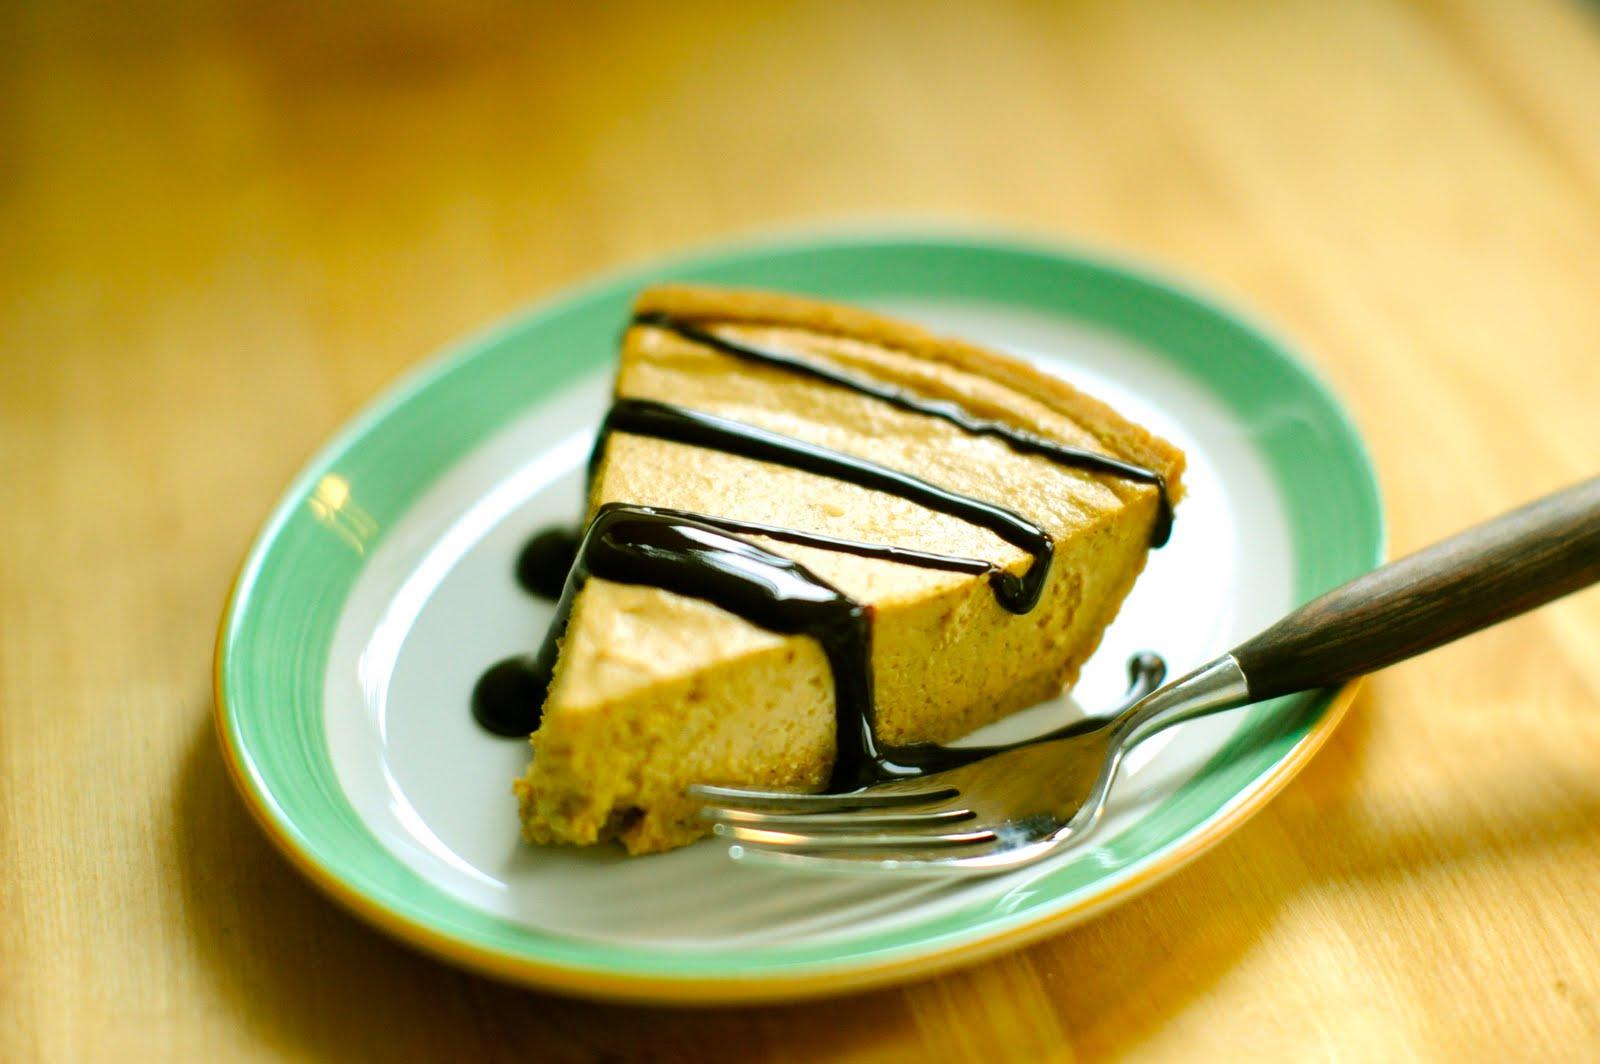 Banana Rum Cheesecake With Maple Rum Sauce Recipes — Dishmaps